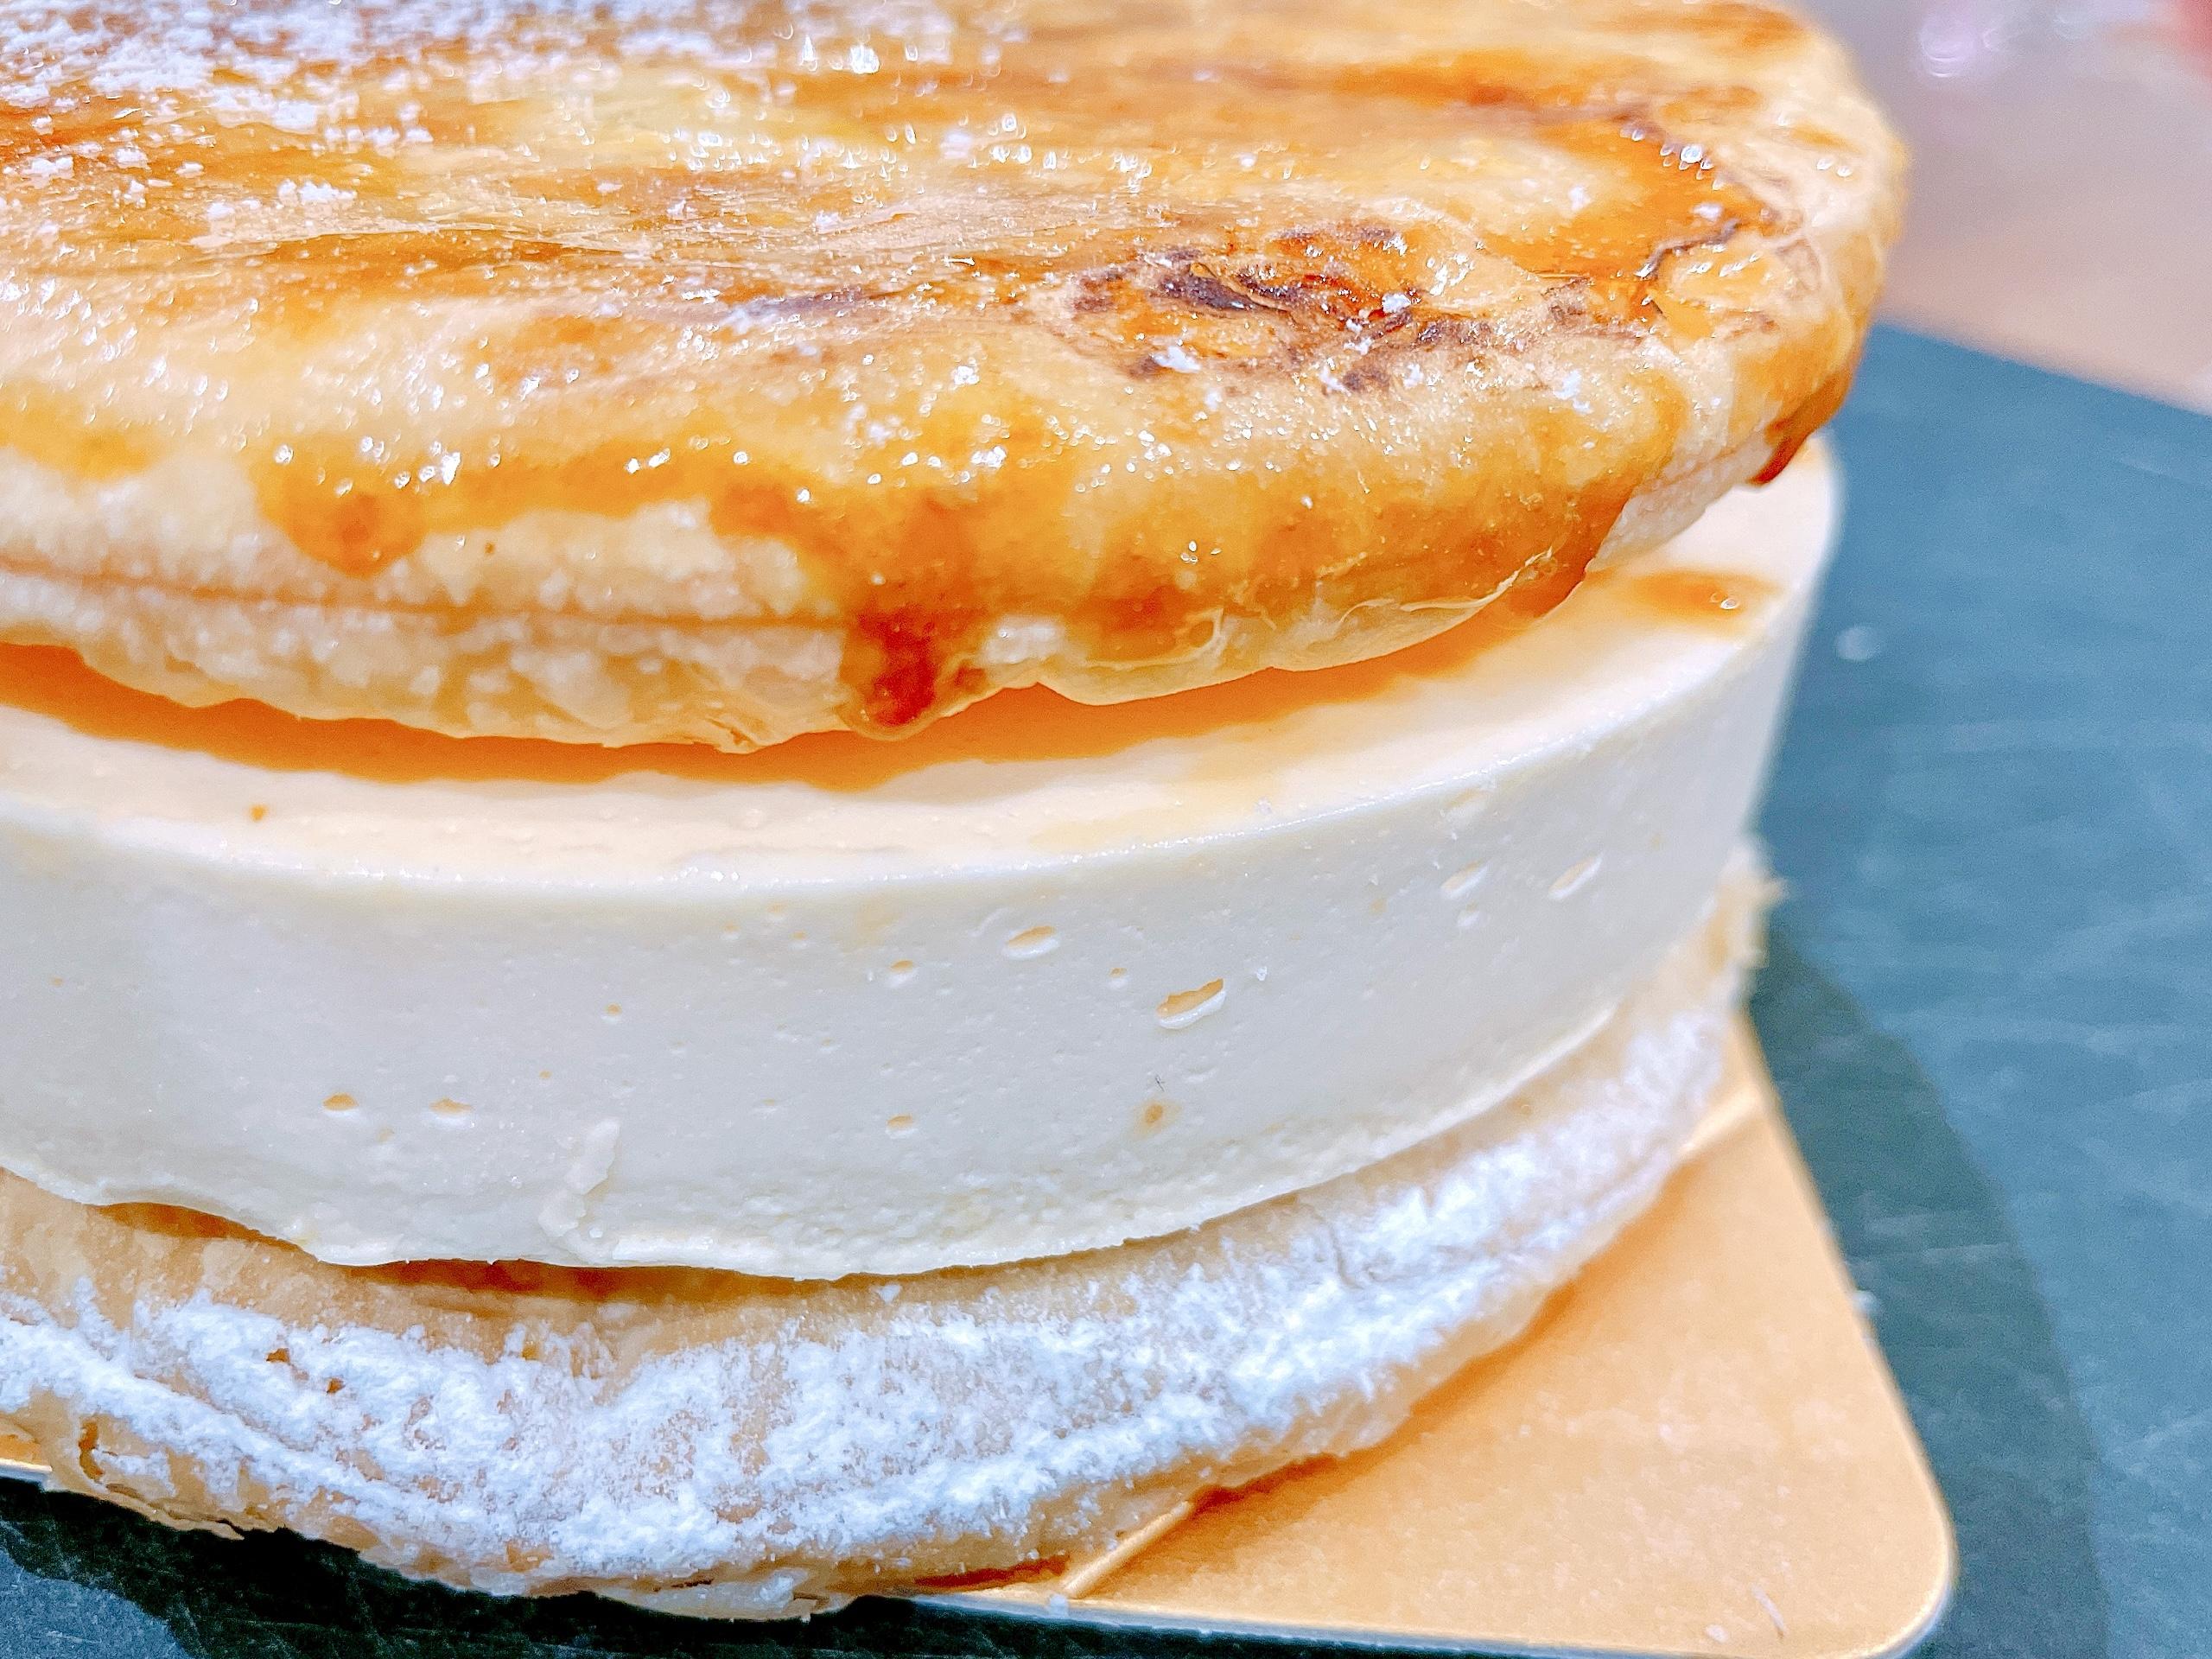 EGOAL(イーゴール)のブリュレチーズケーキの層